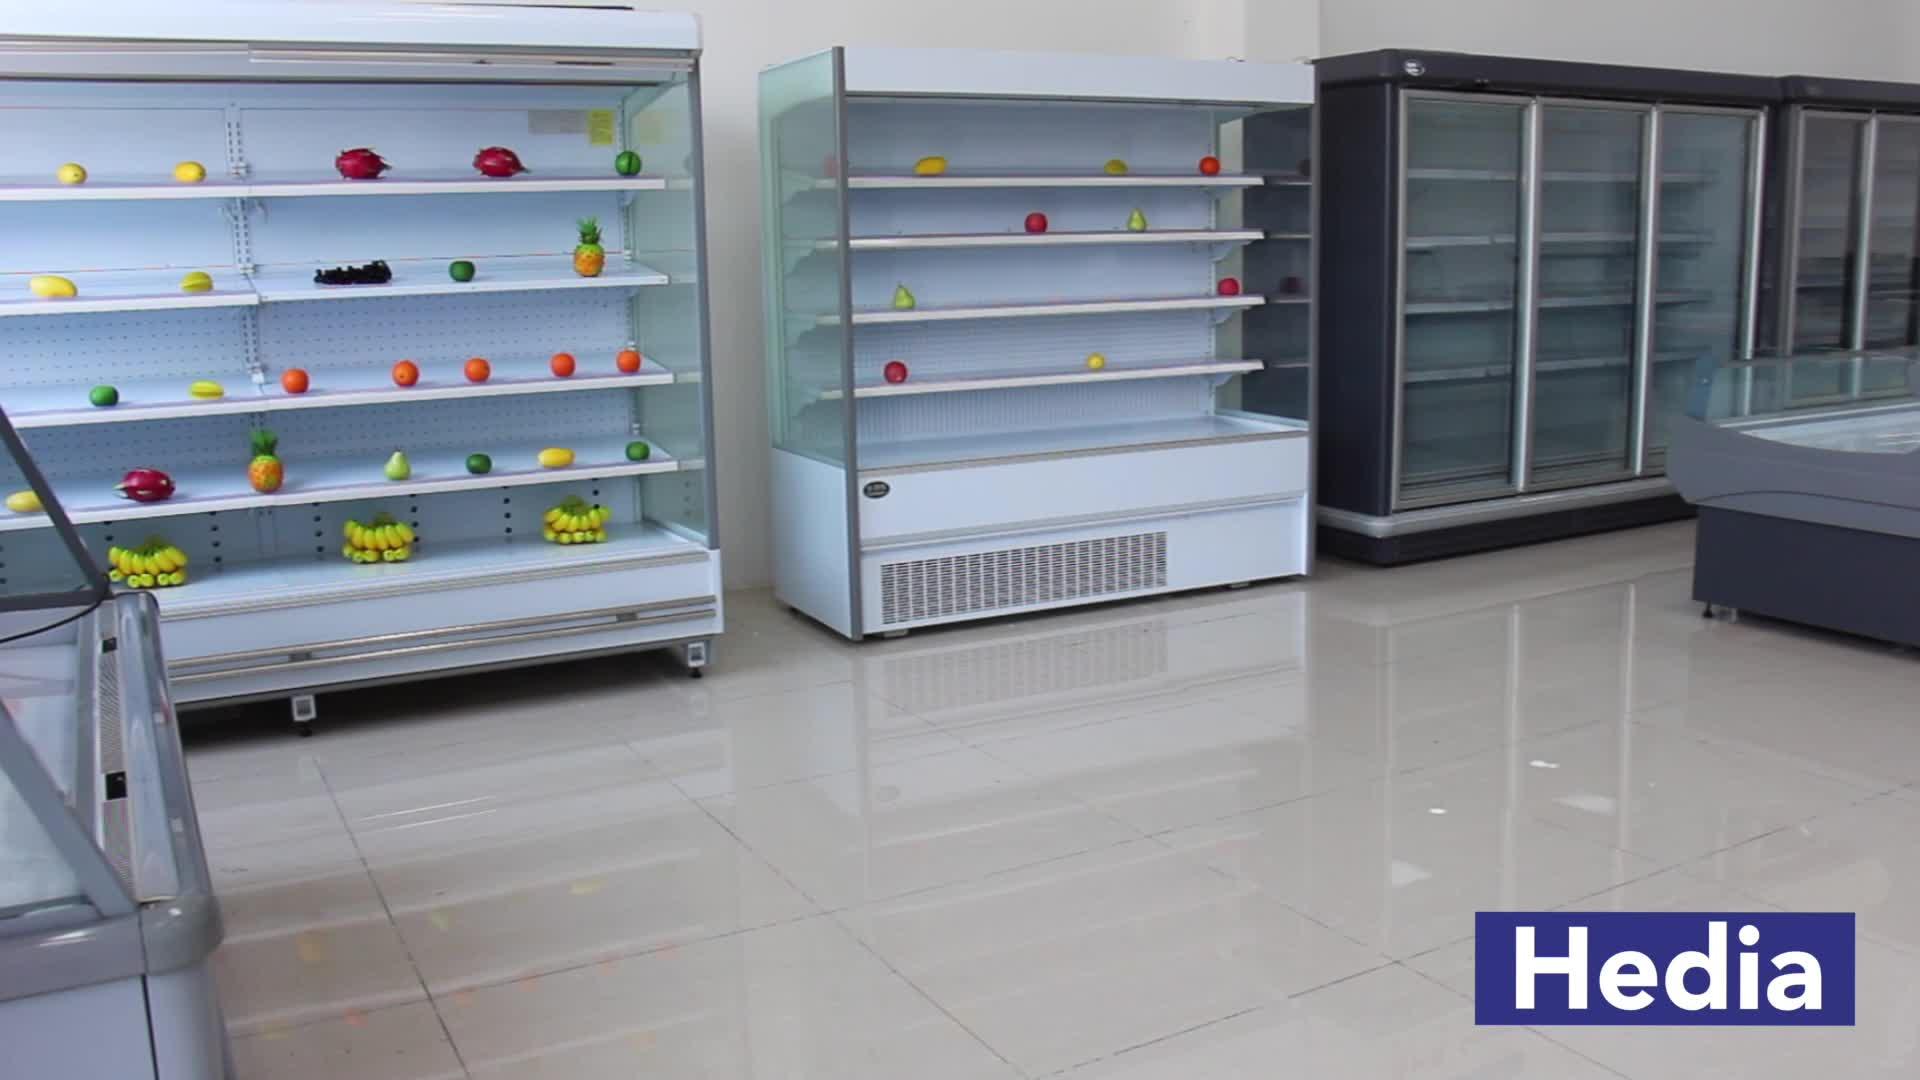 Wholesale auto defrost swing glass door frozen food freezer display 5 shelf for ice cream display